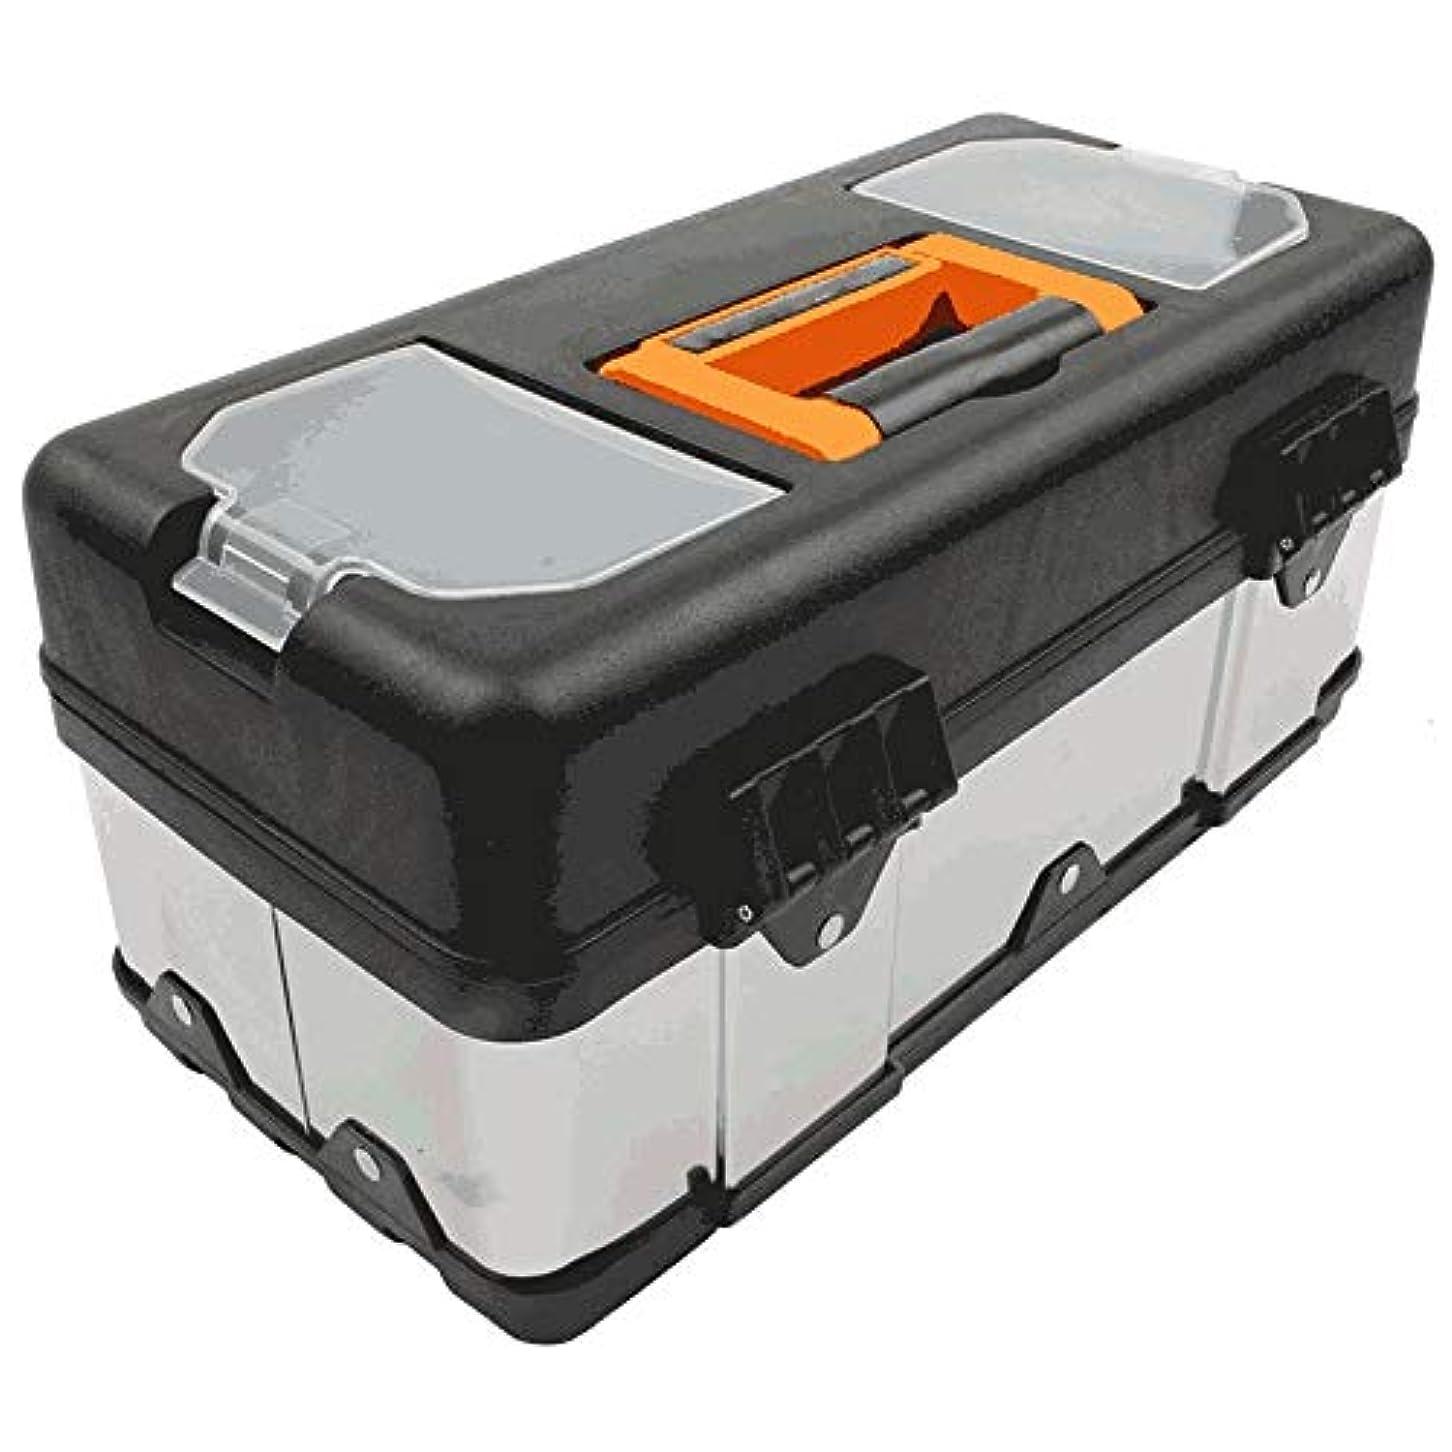 教義レザーエネルギーGYZ 工具箱、良質のステンレス鋼の工具箱、家の修理の電気技師の工具箱 plastic (Size : 14 inches)